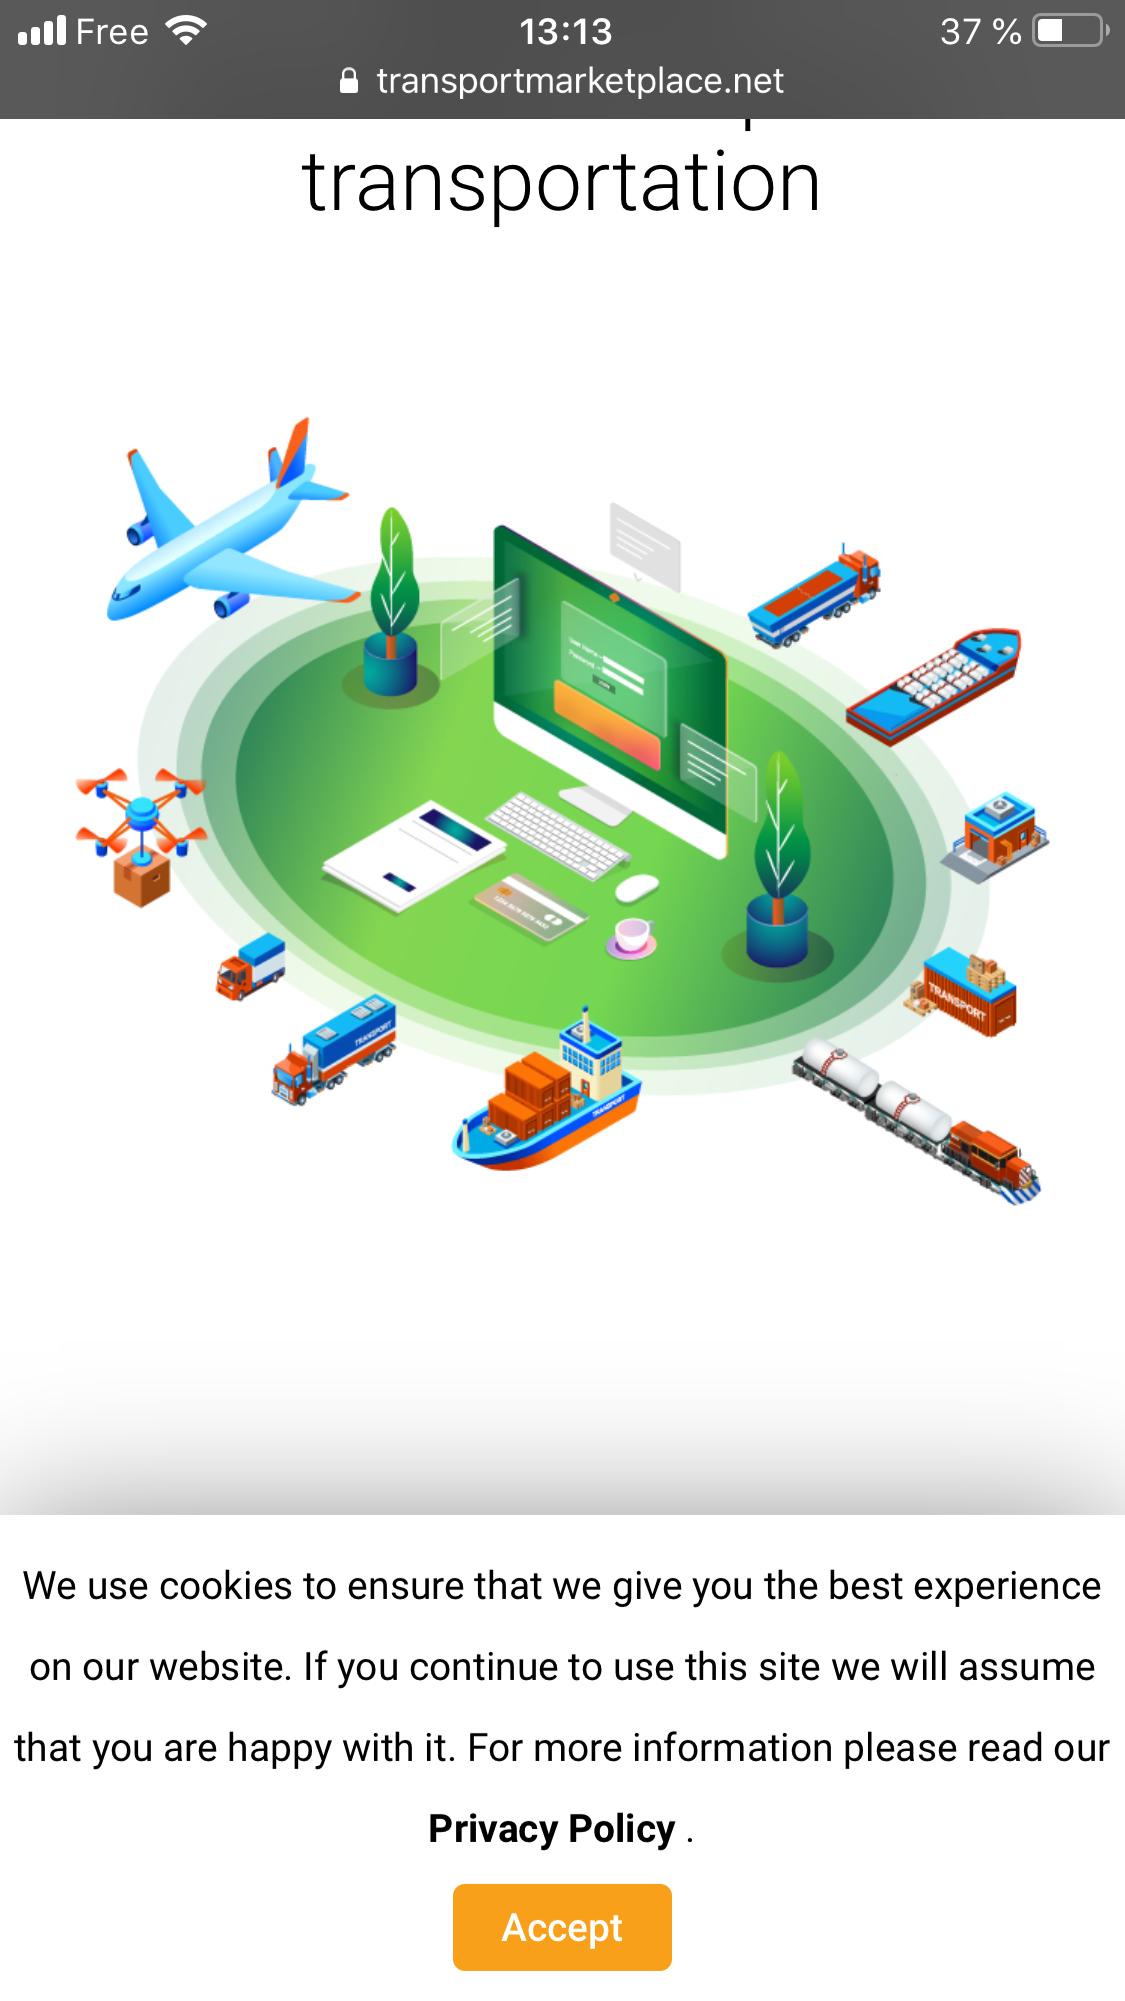 La place de marché du transport neutre et indépendante